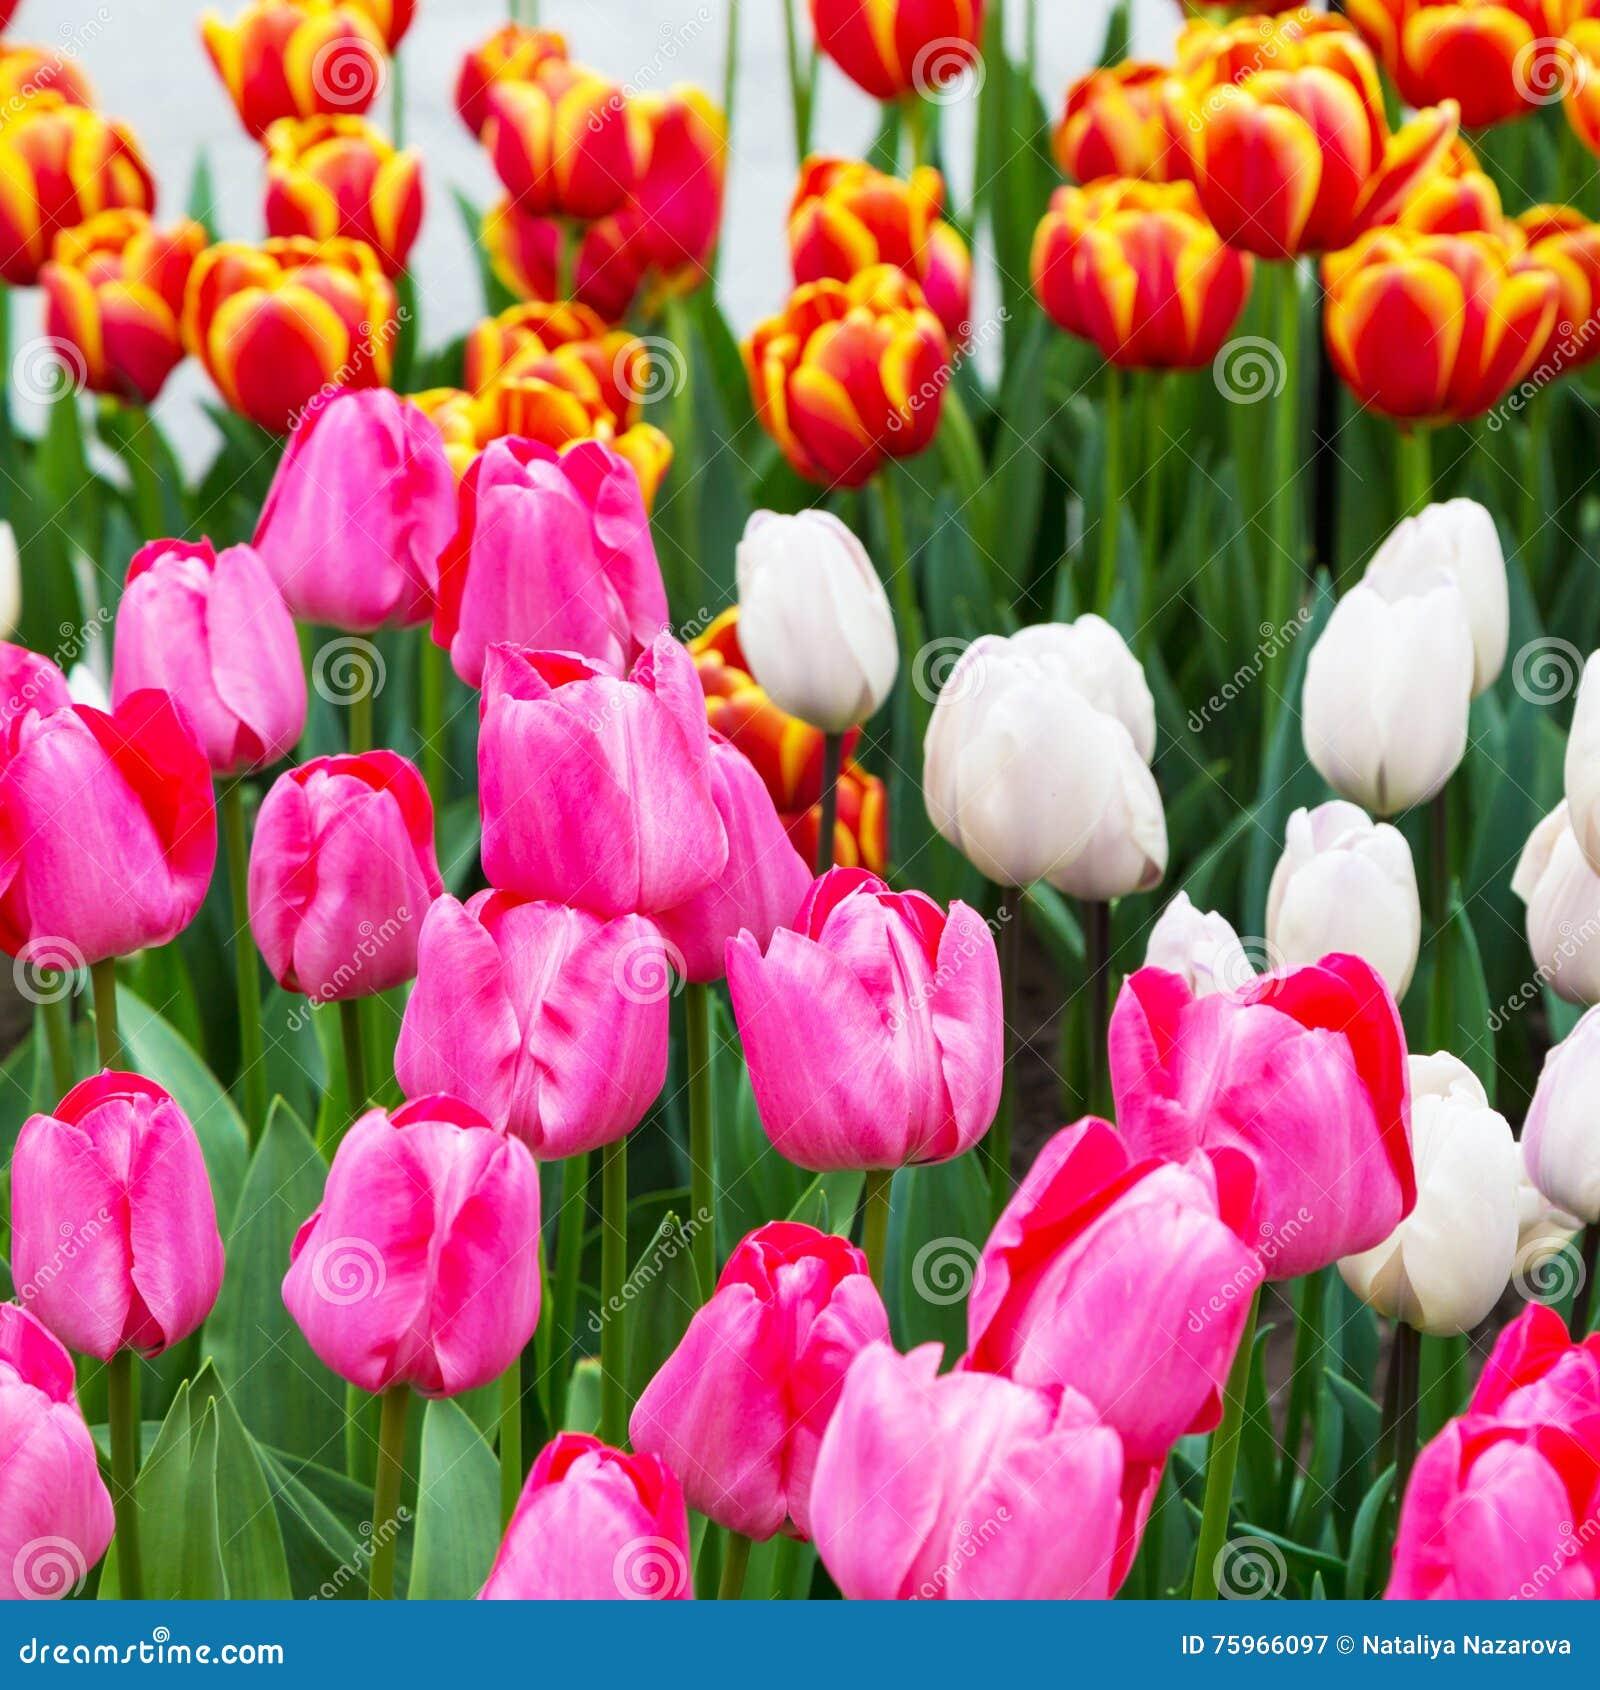 Macizo De Flores Del Tulipan Rojo Tulipanes Amarillos En El Jardin